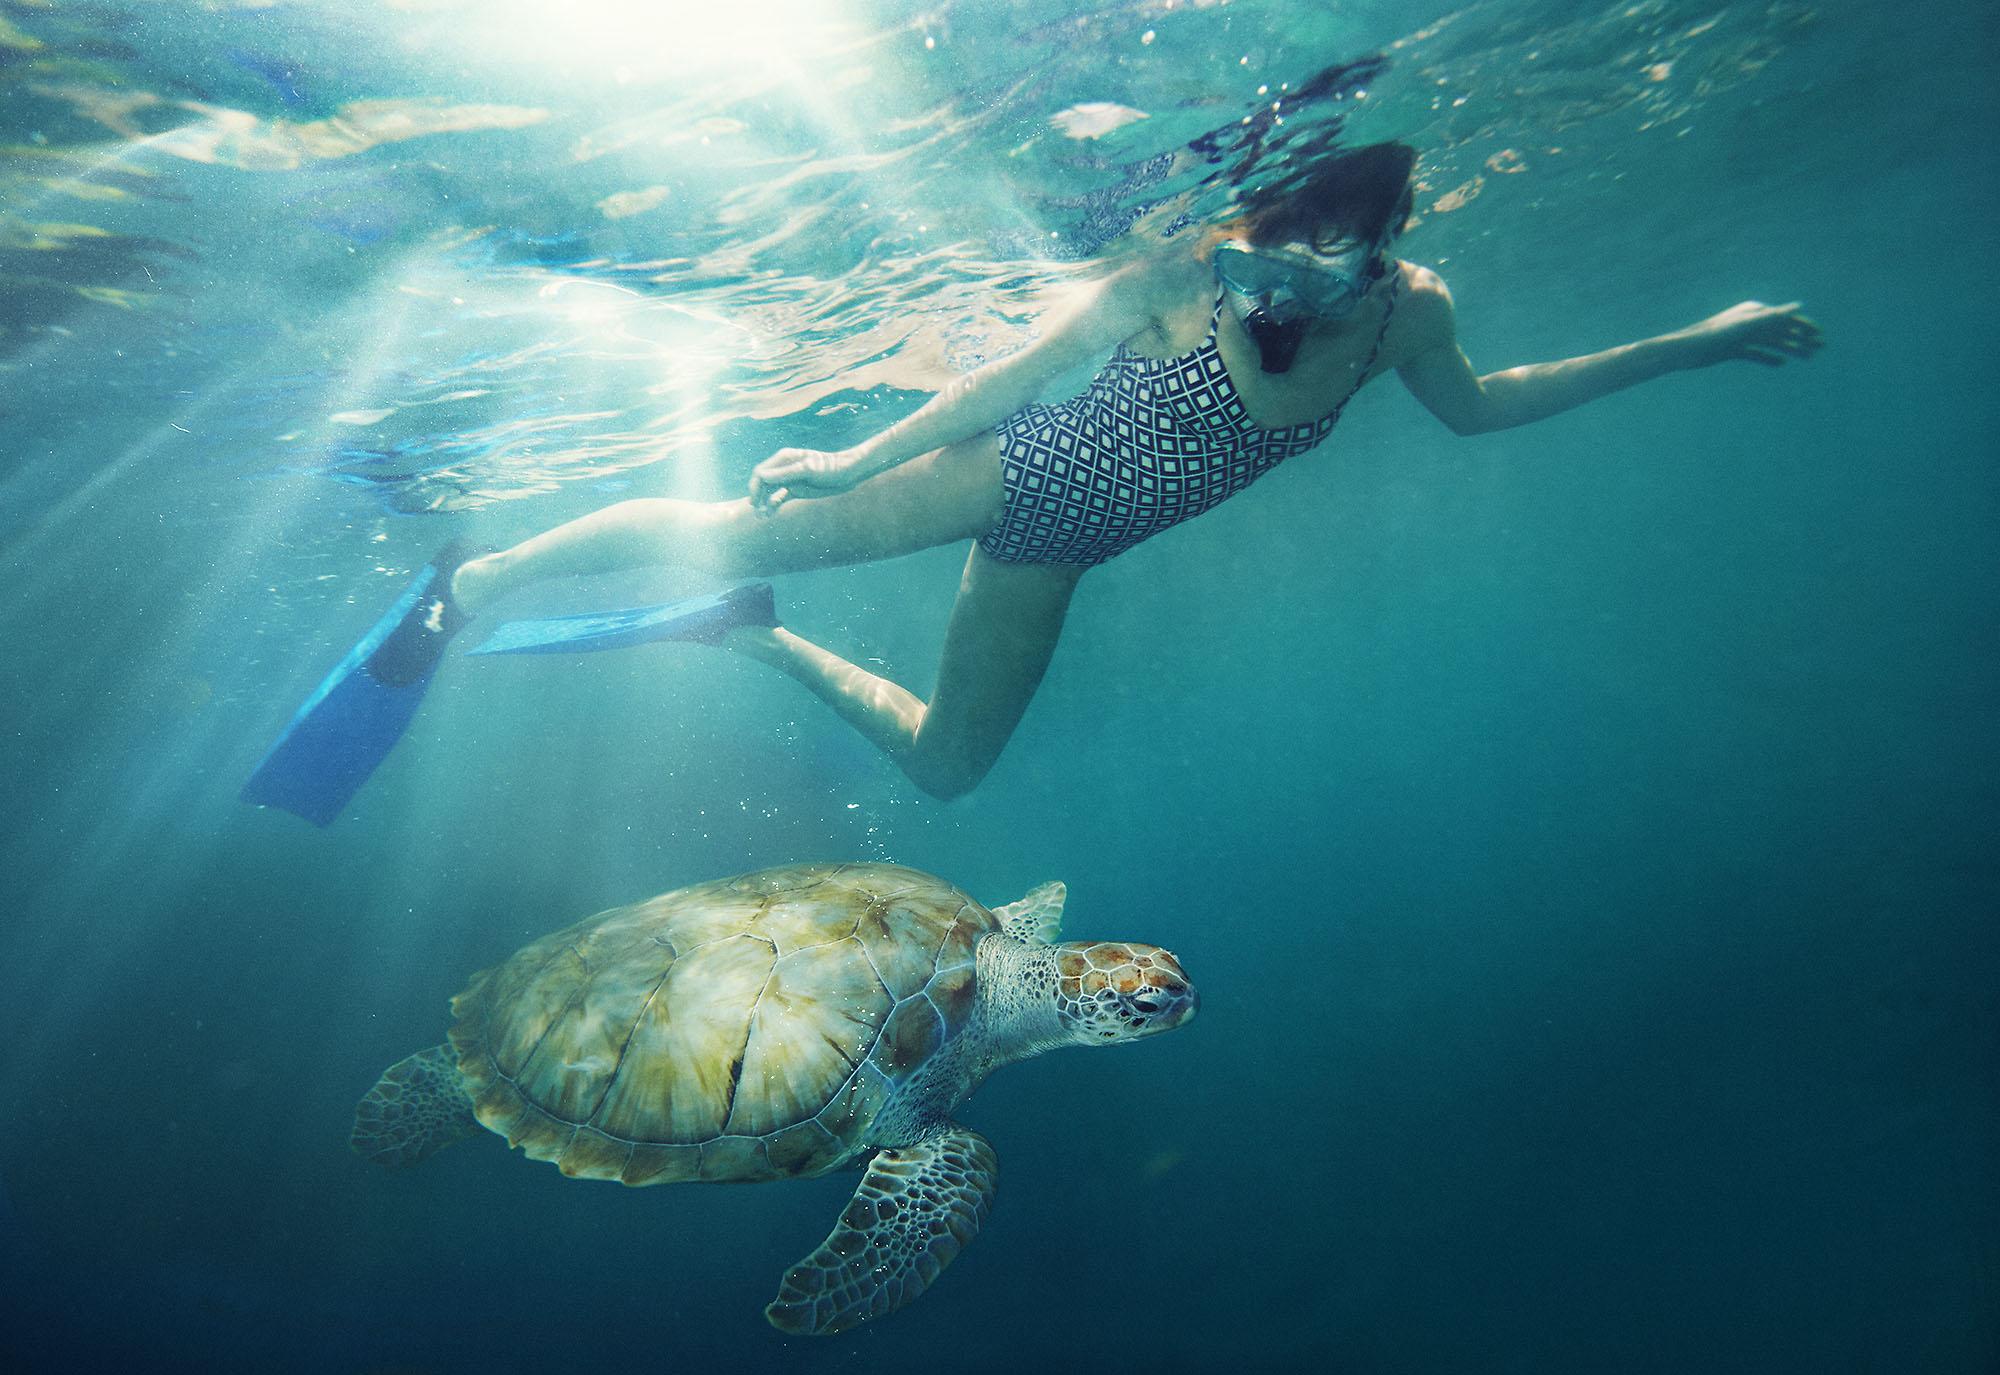 Karan Kapoor people snorkeling with turtle